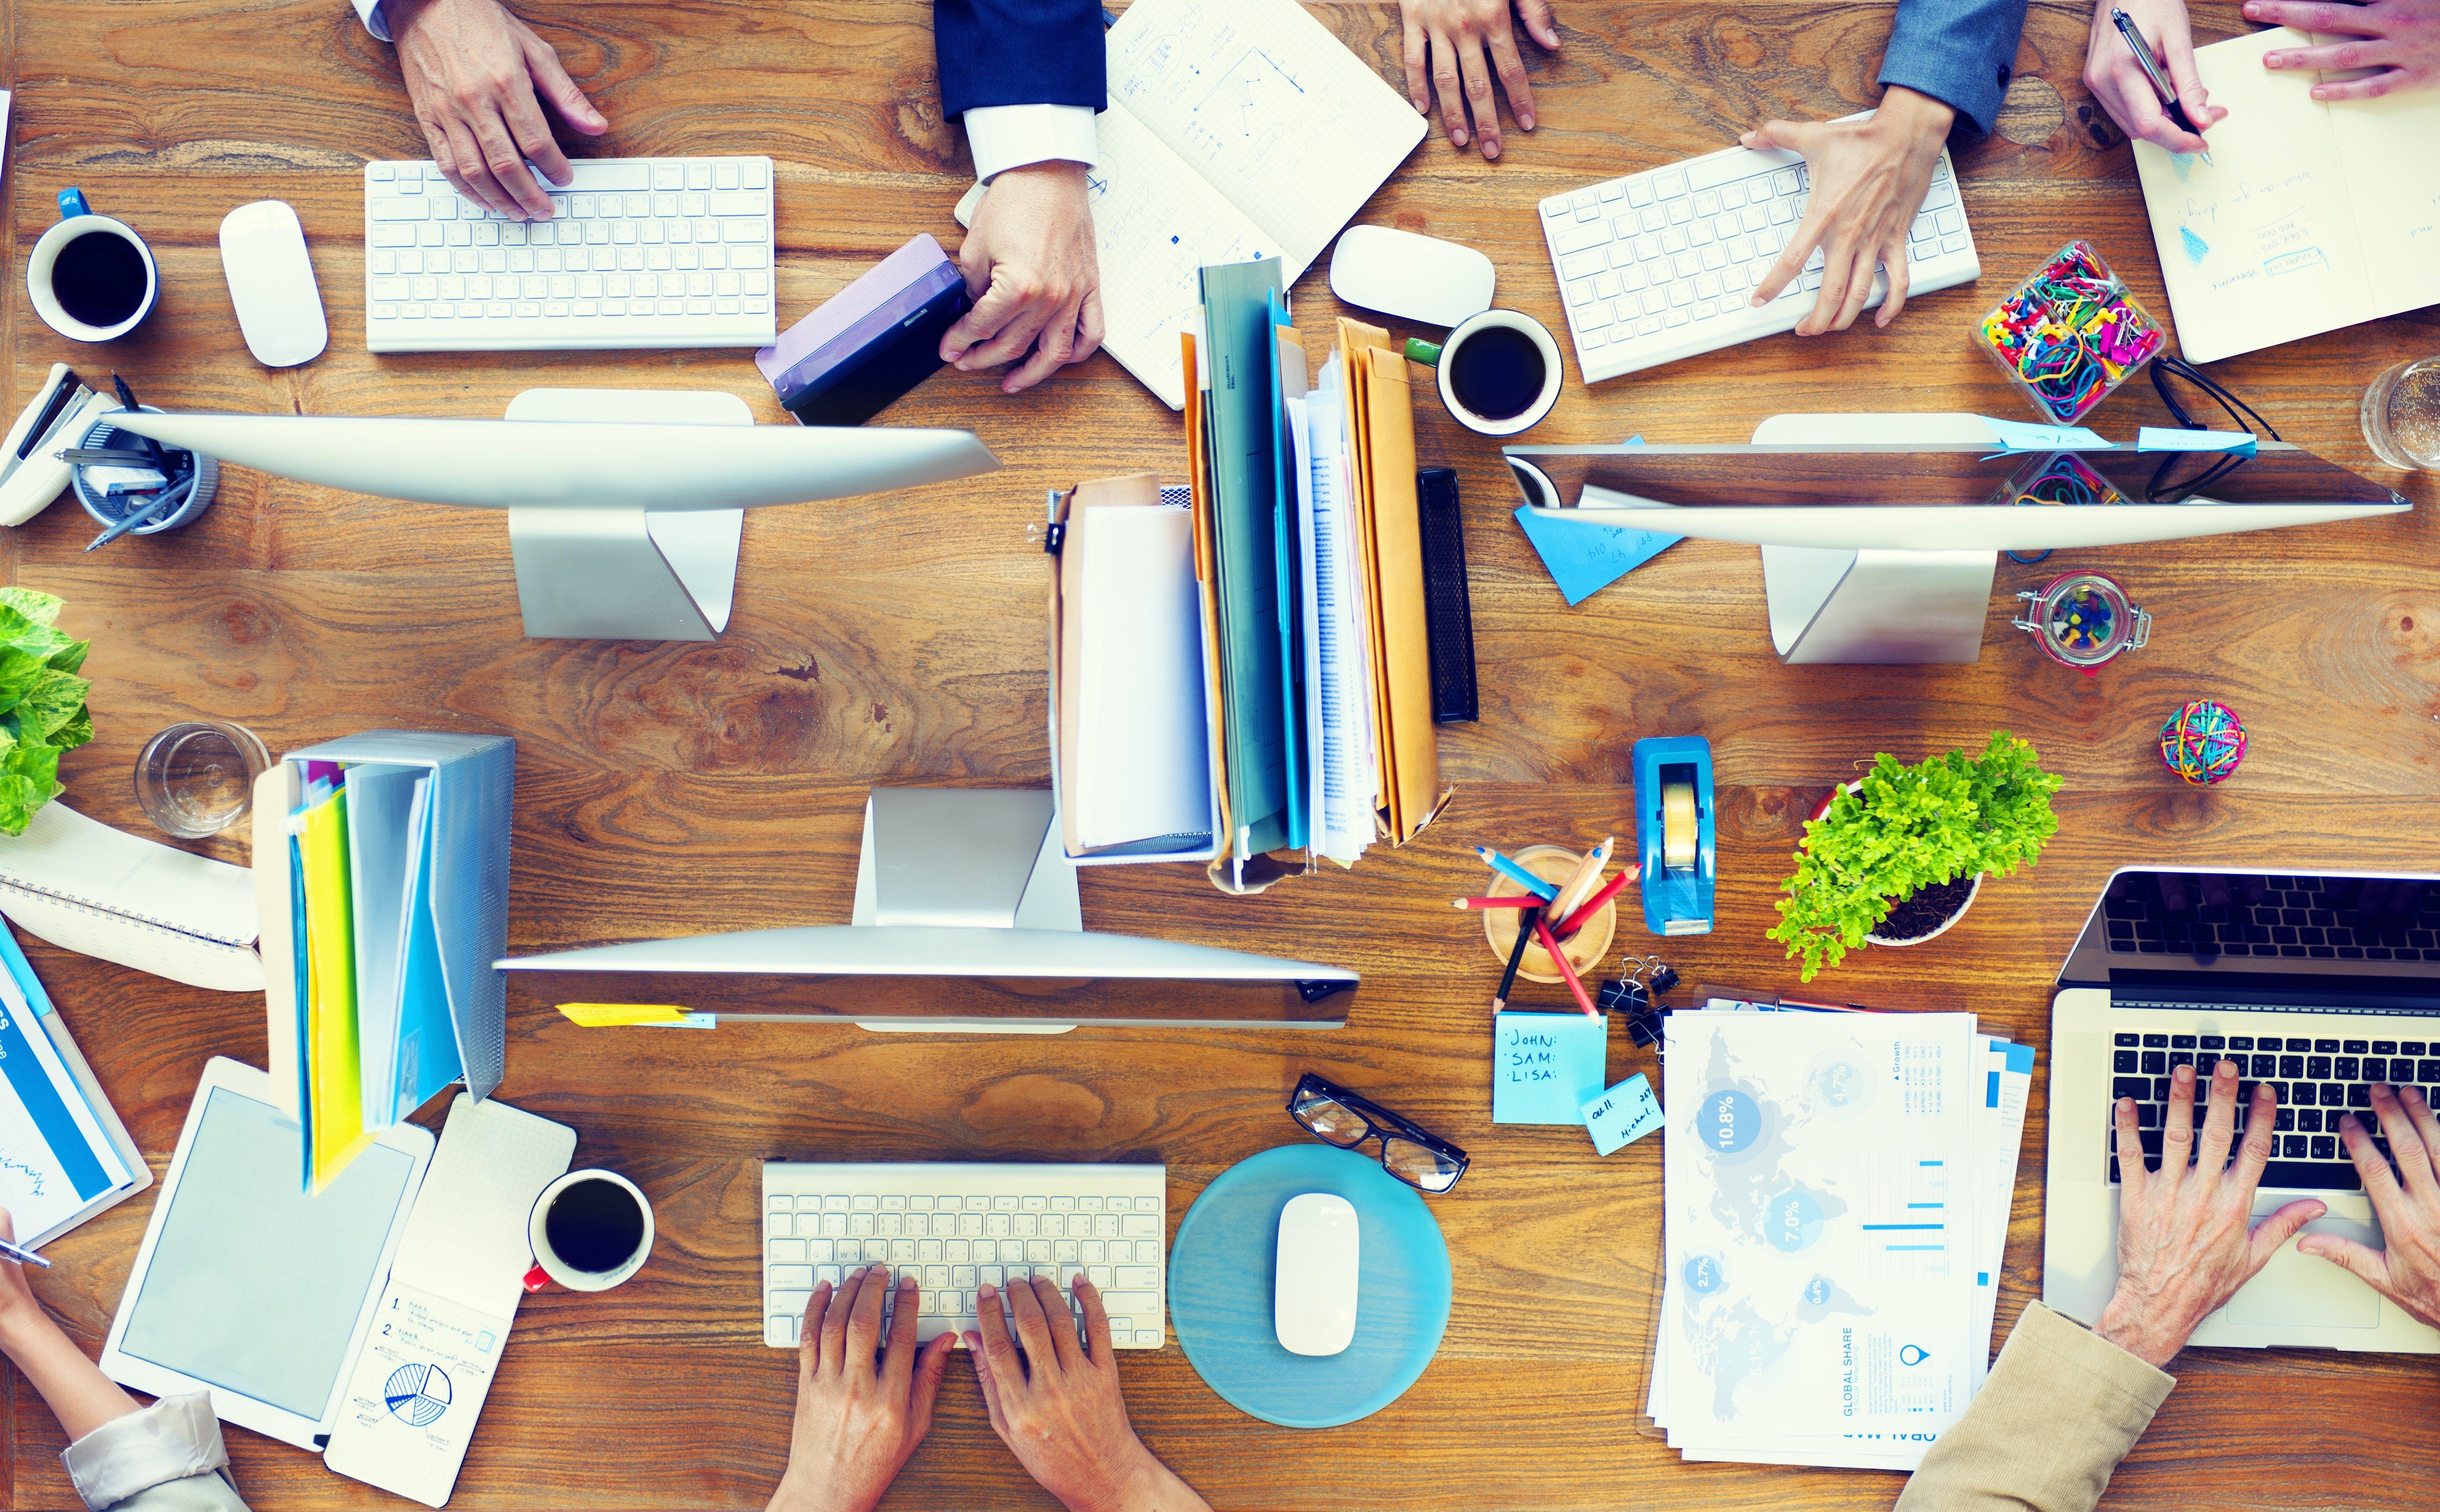 Schreibtisch mit Personen